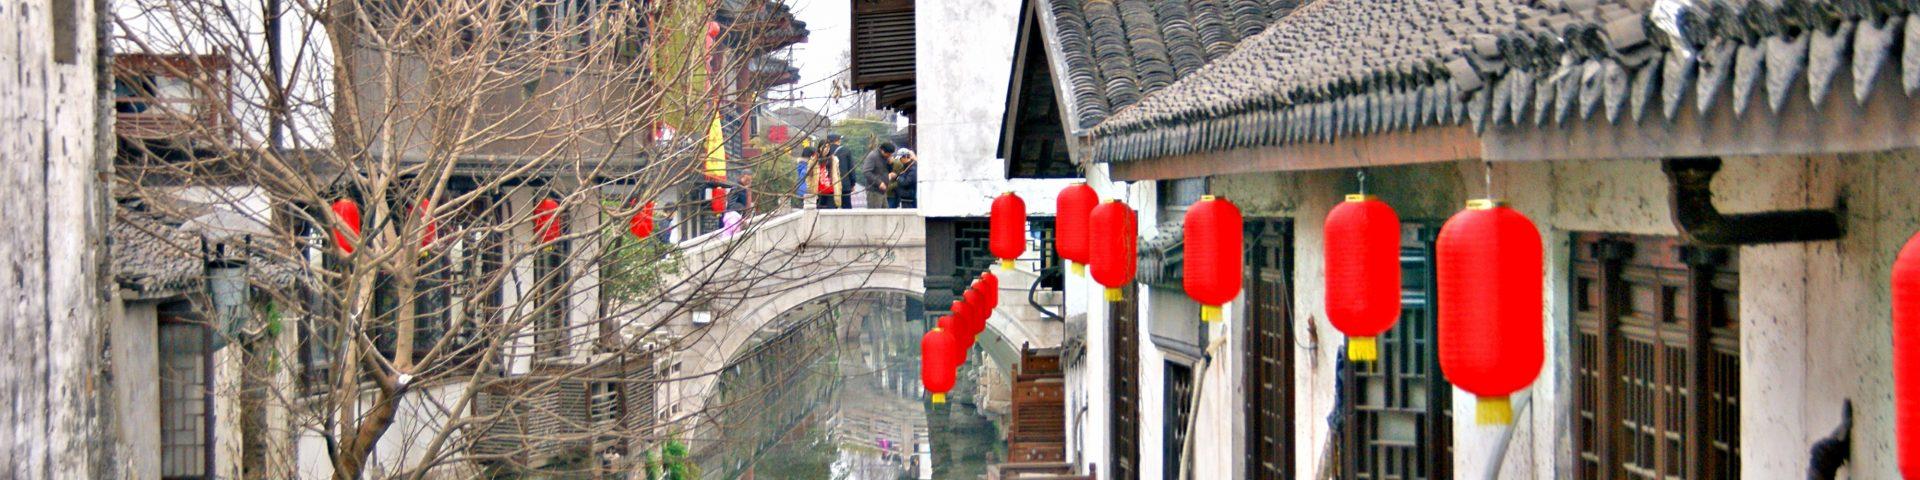 View from Narrow Lanes in Zhujiajiao